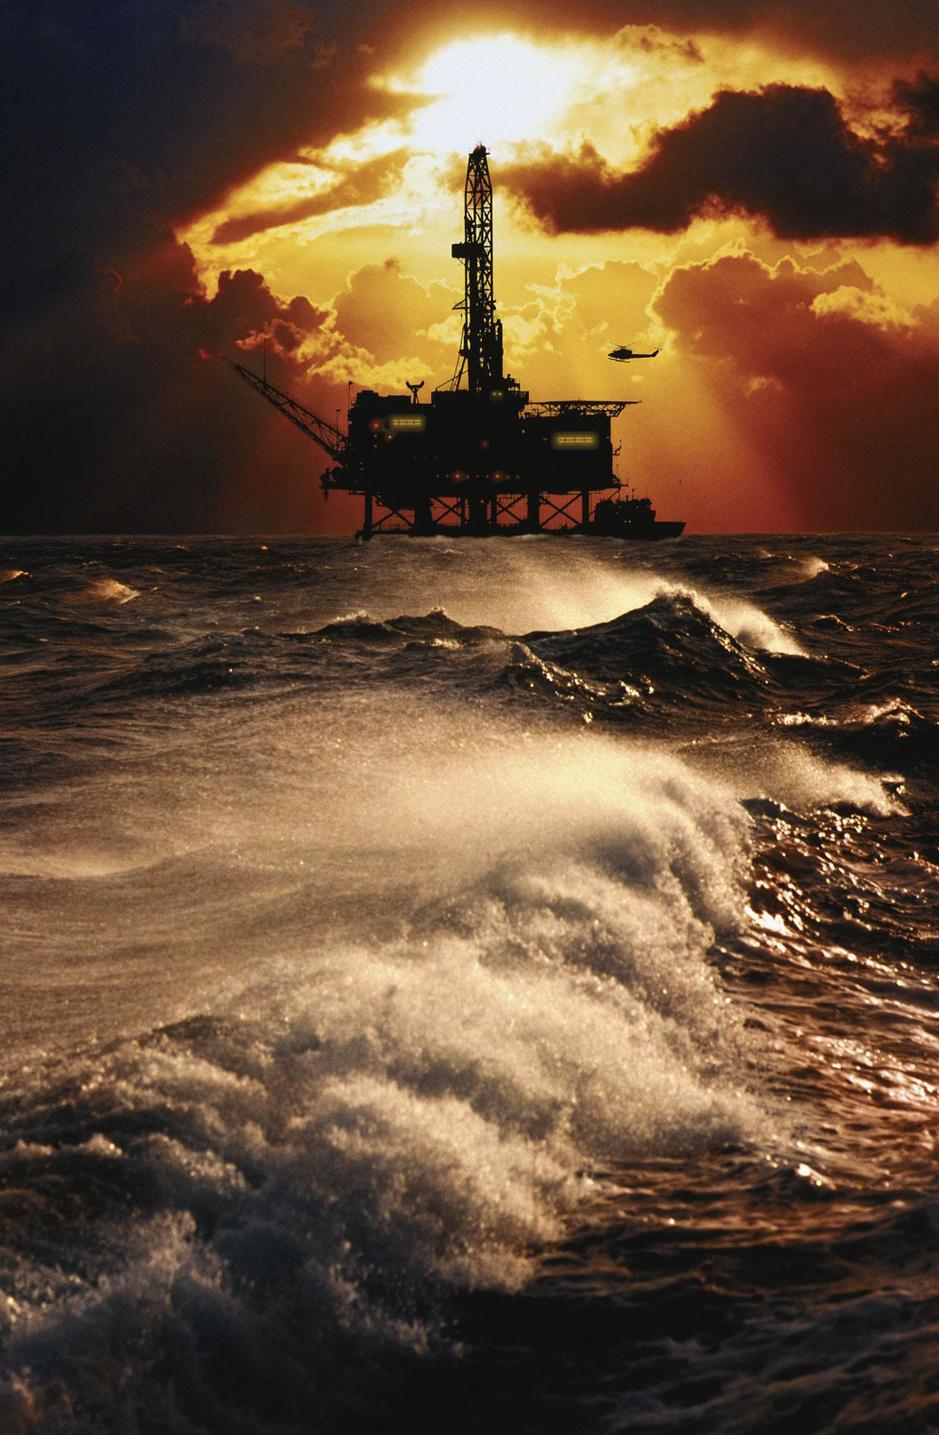 Big Oil staat voor de Big Shift: 'Ze móéten zichzelf transformeren. Het is dat of doodgaan'